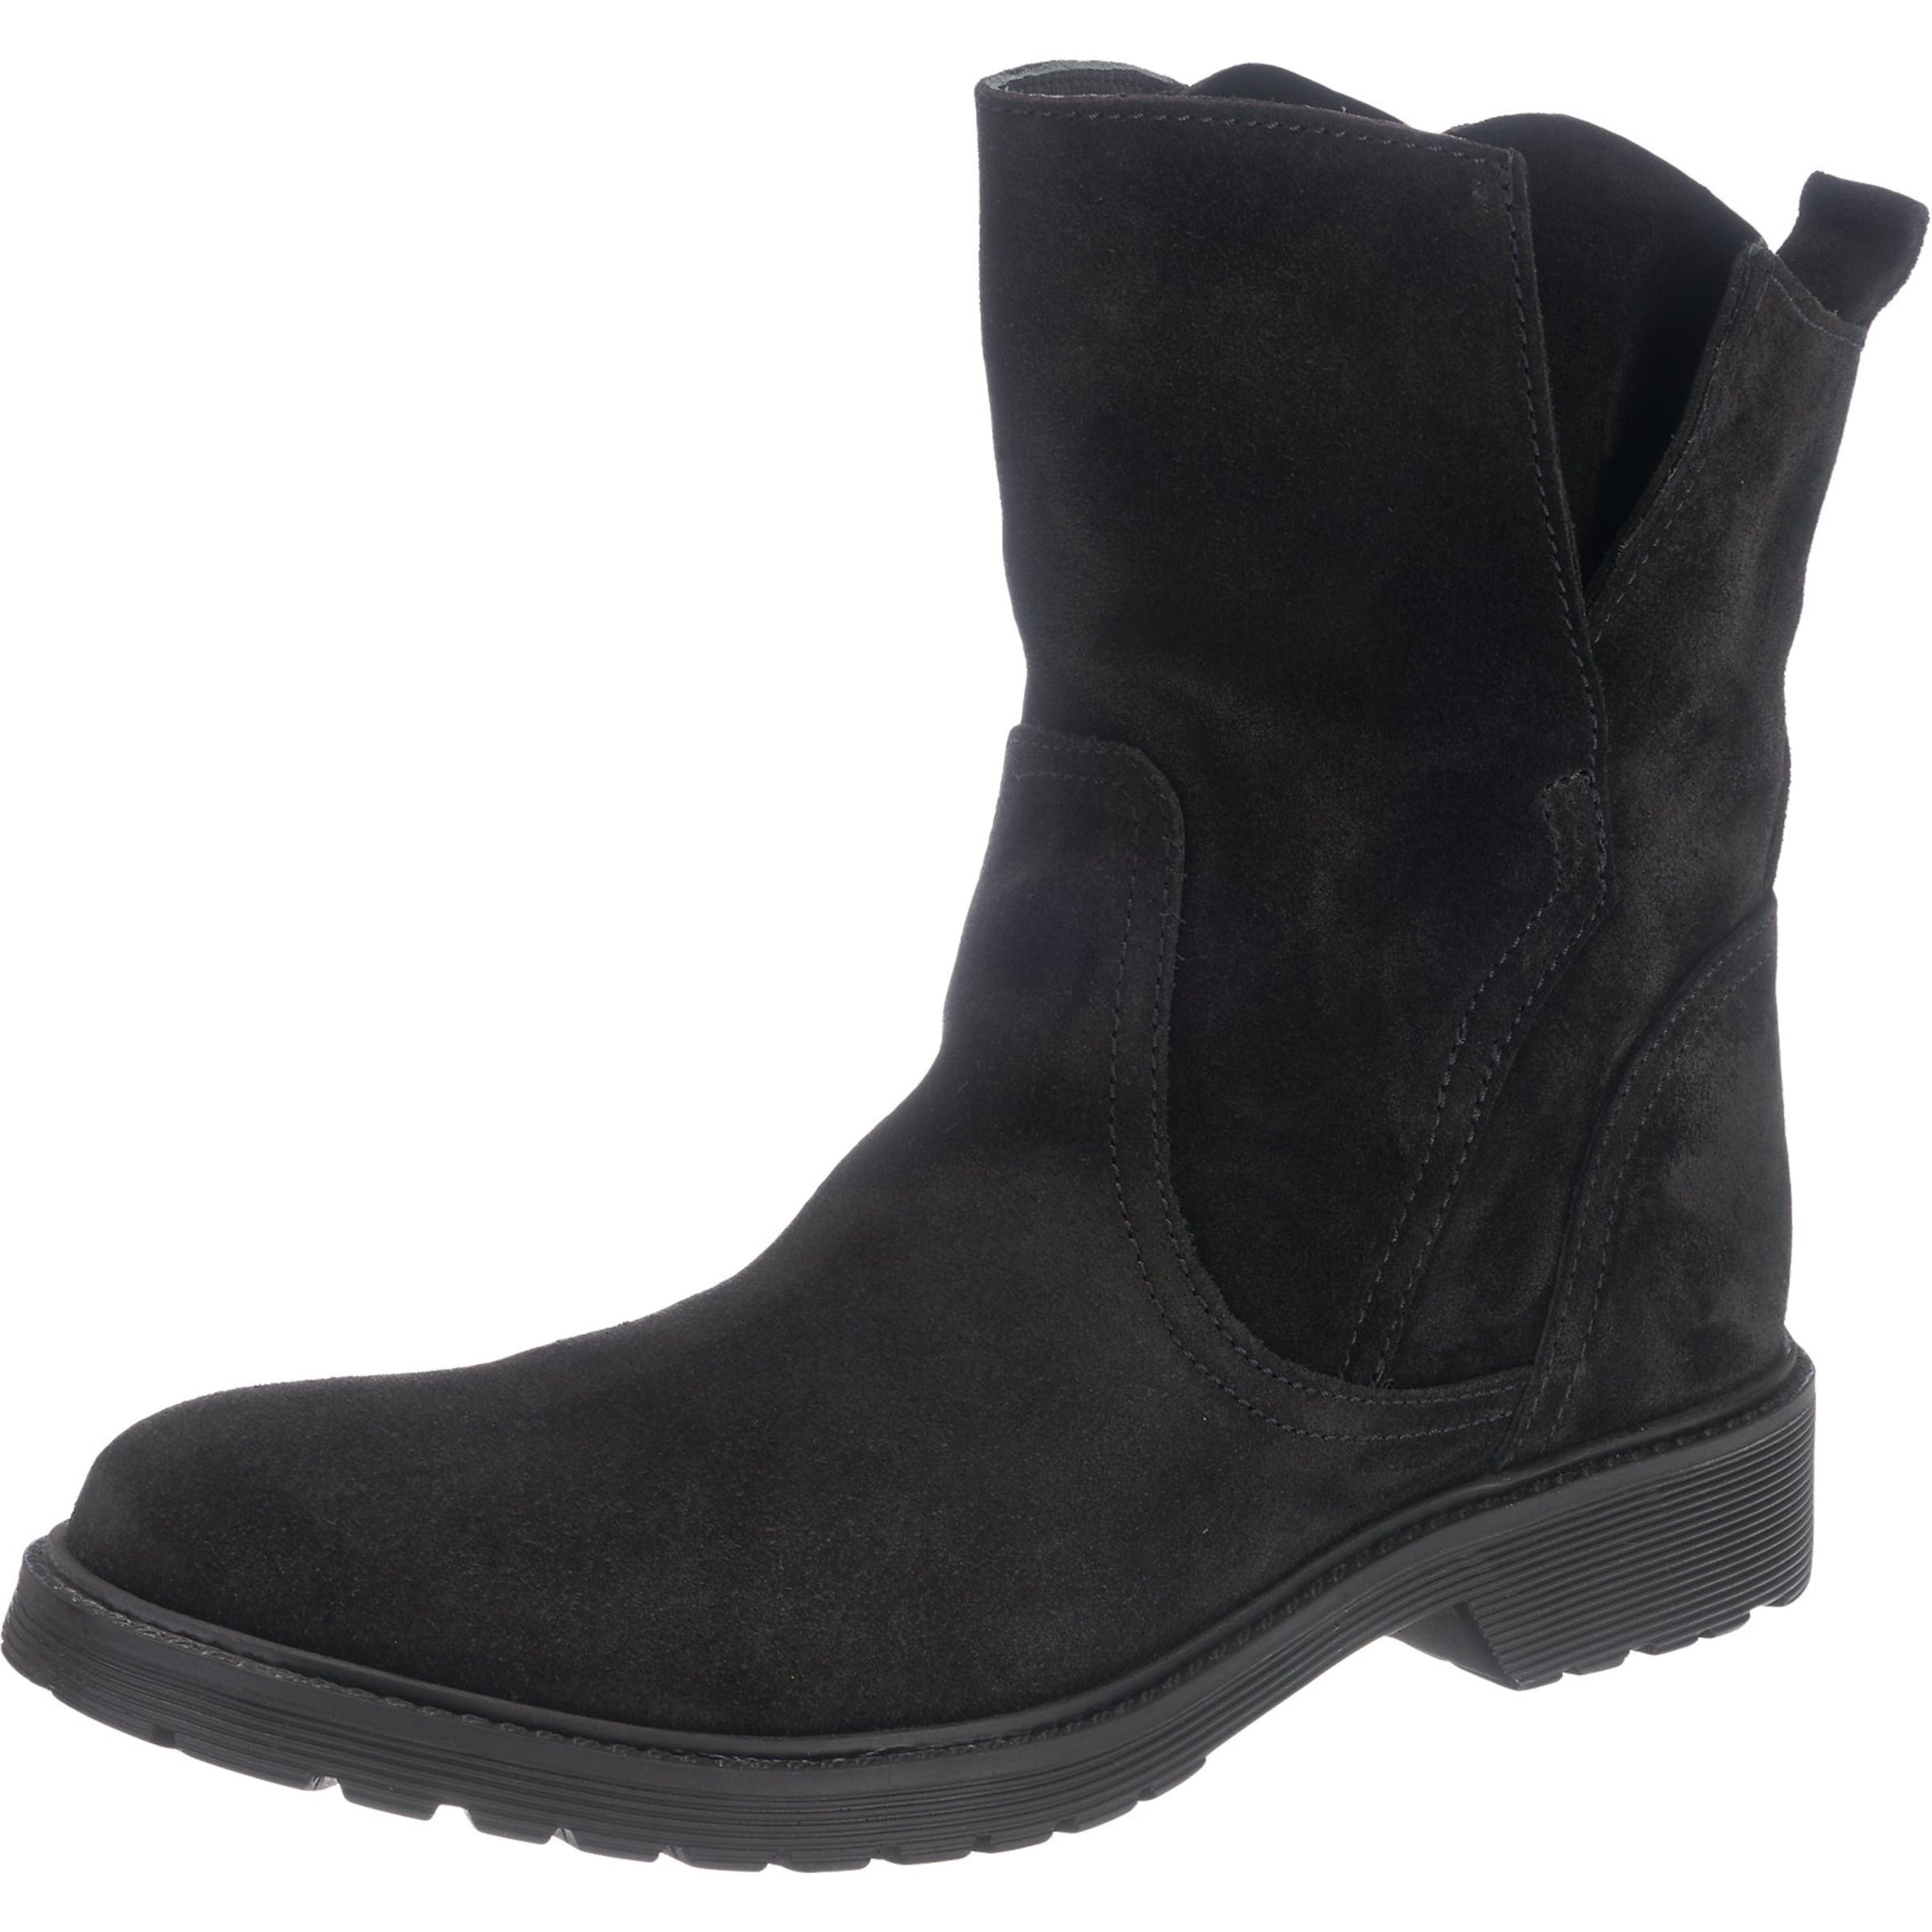 Boots En Buffalo Noir Noir Boots Buffalo En SUGVzMpq